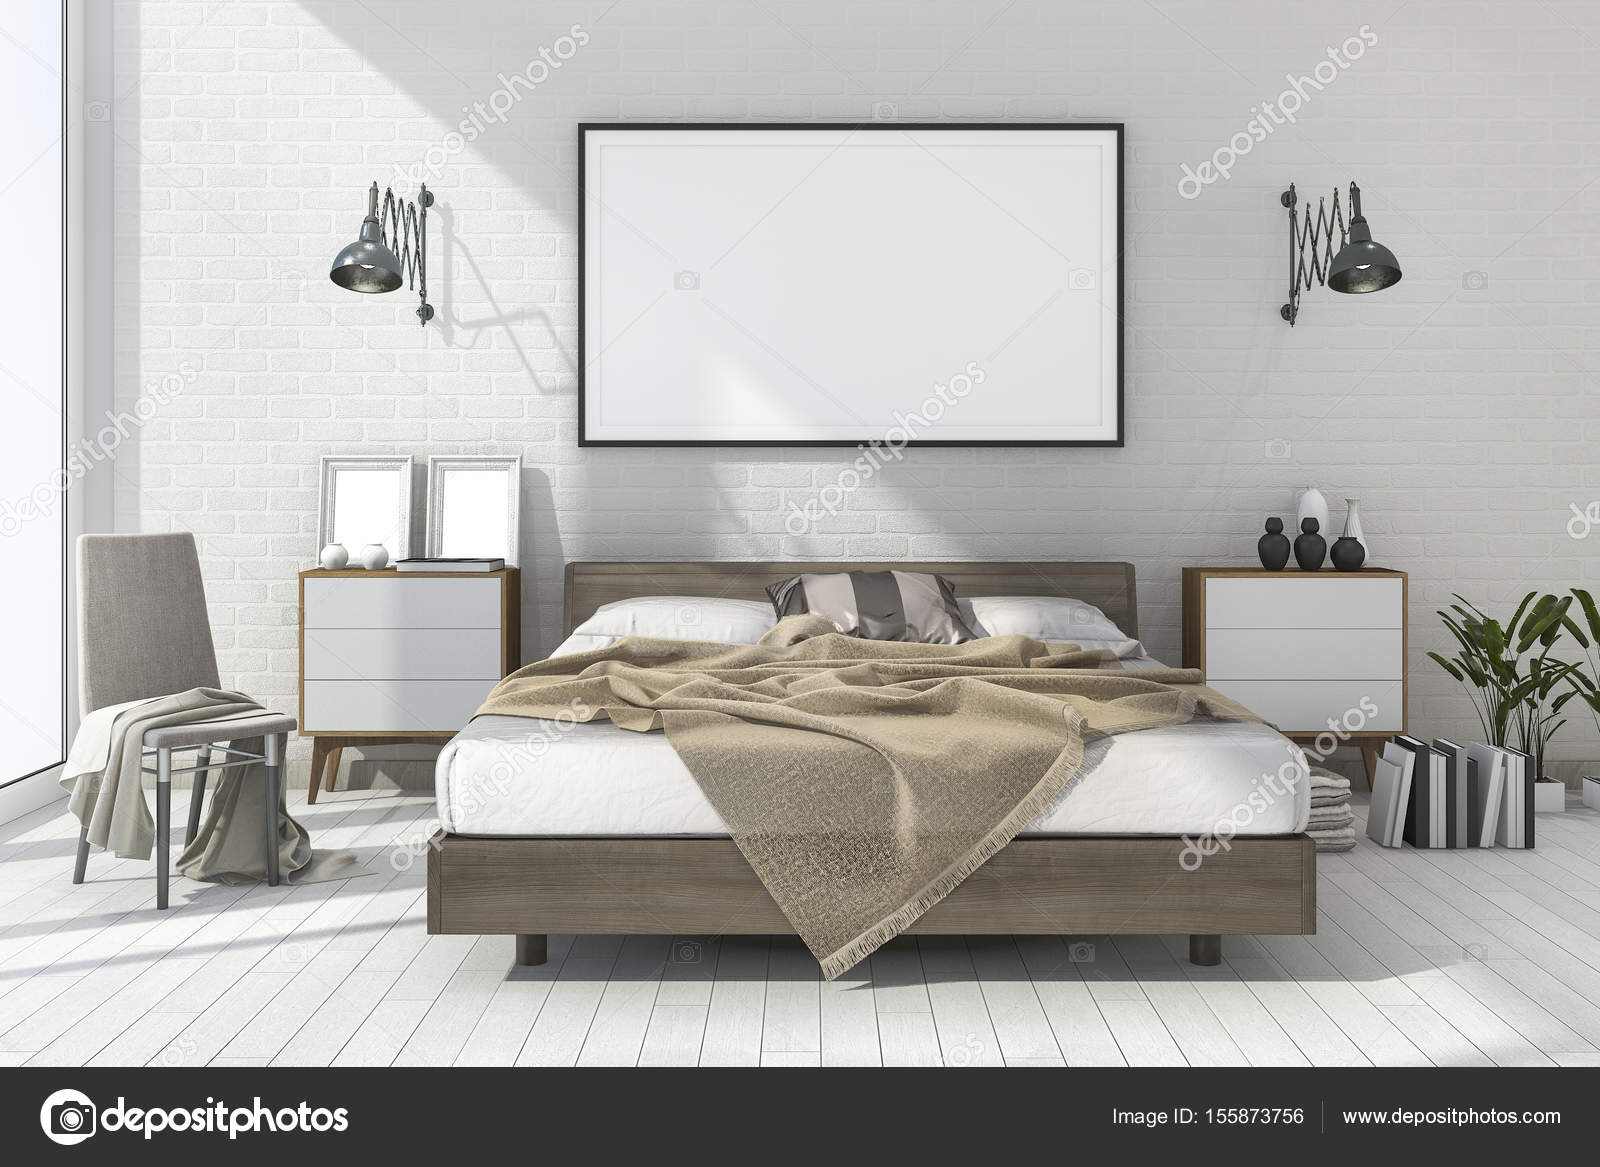 Camera da letto stile nordico - Camera da letto stile nordico ...